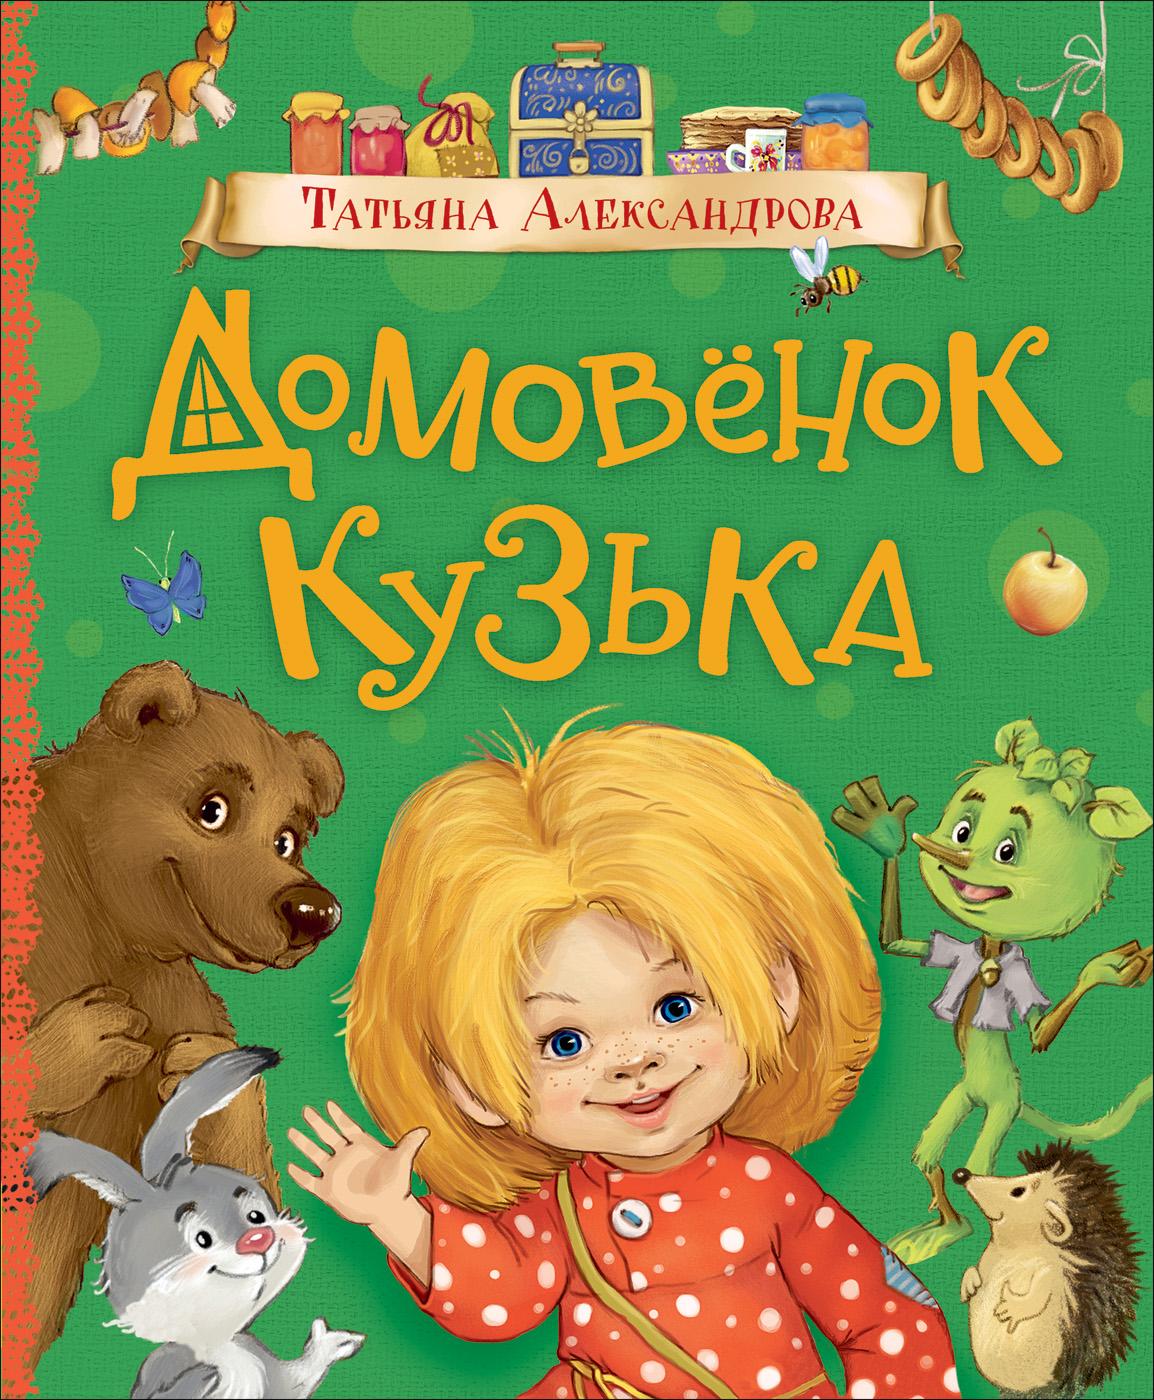 Александрова Татьяна Т. Домовенок Кузька (Любимые детские писатели)